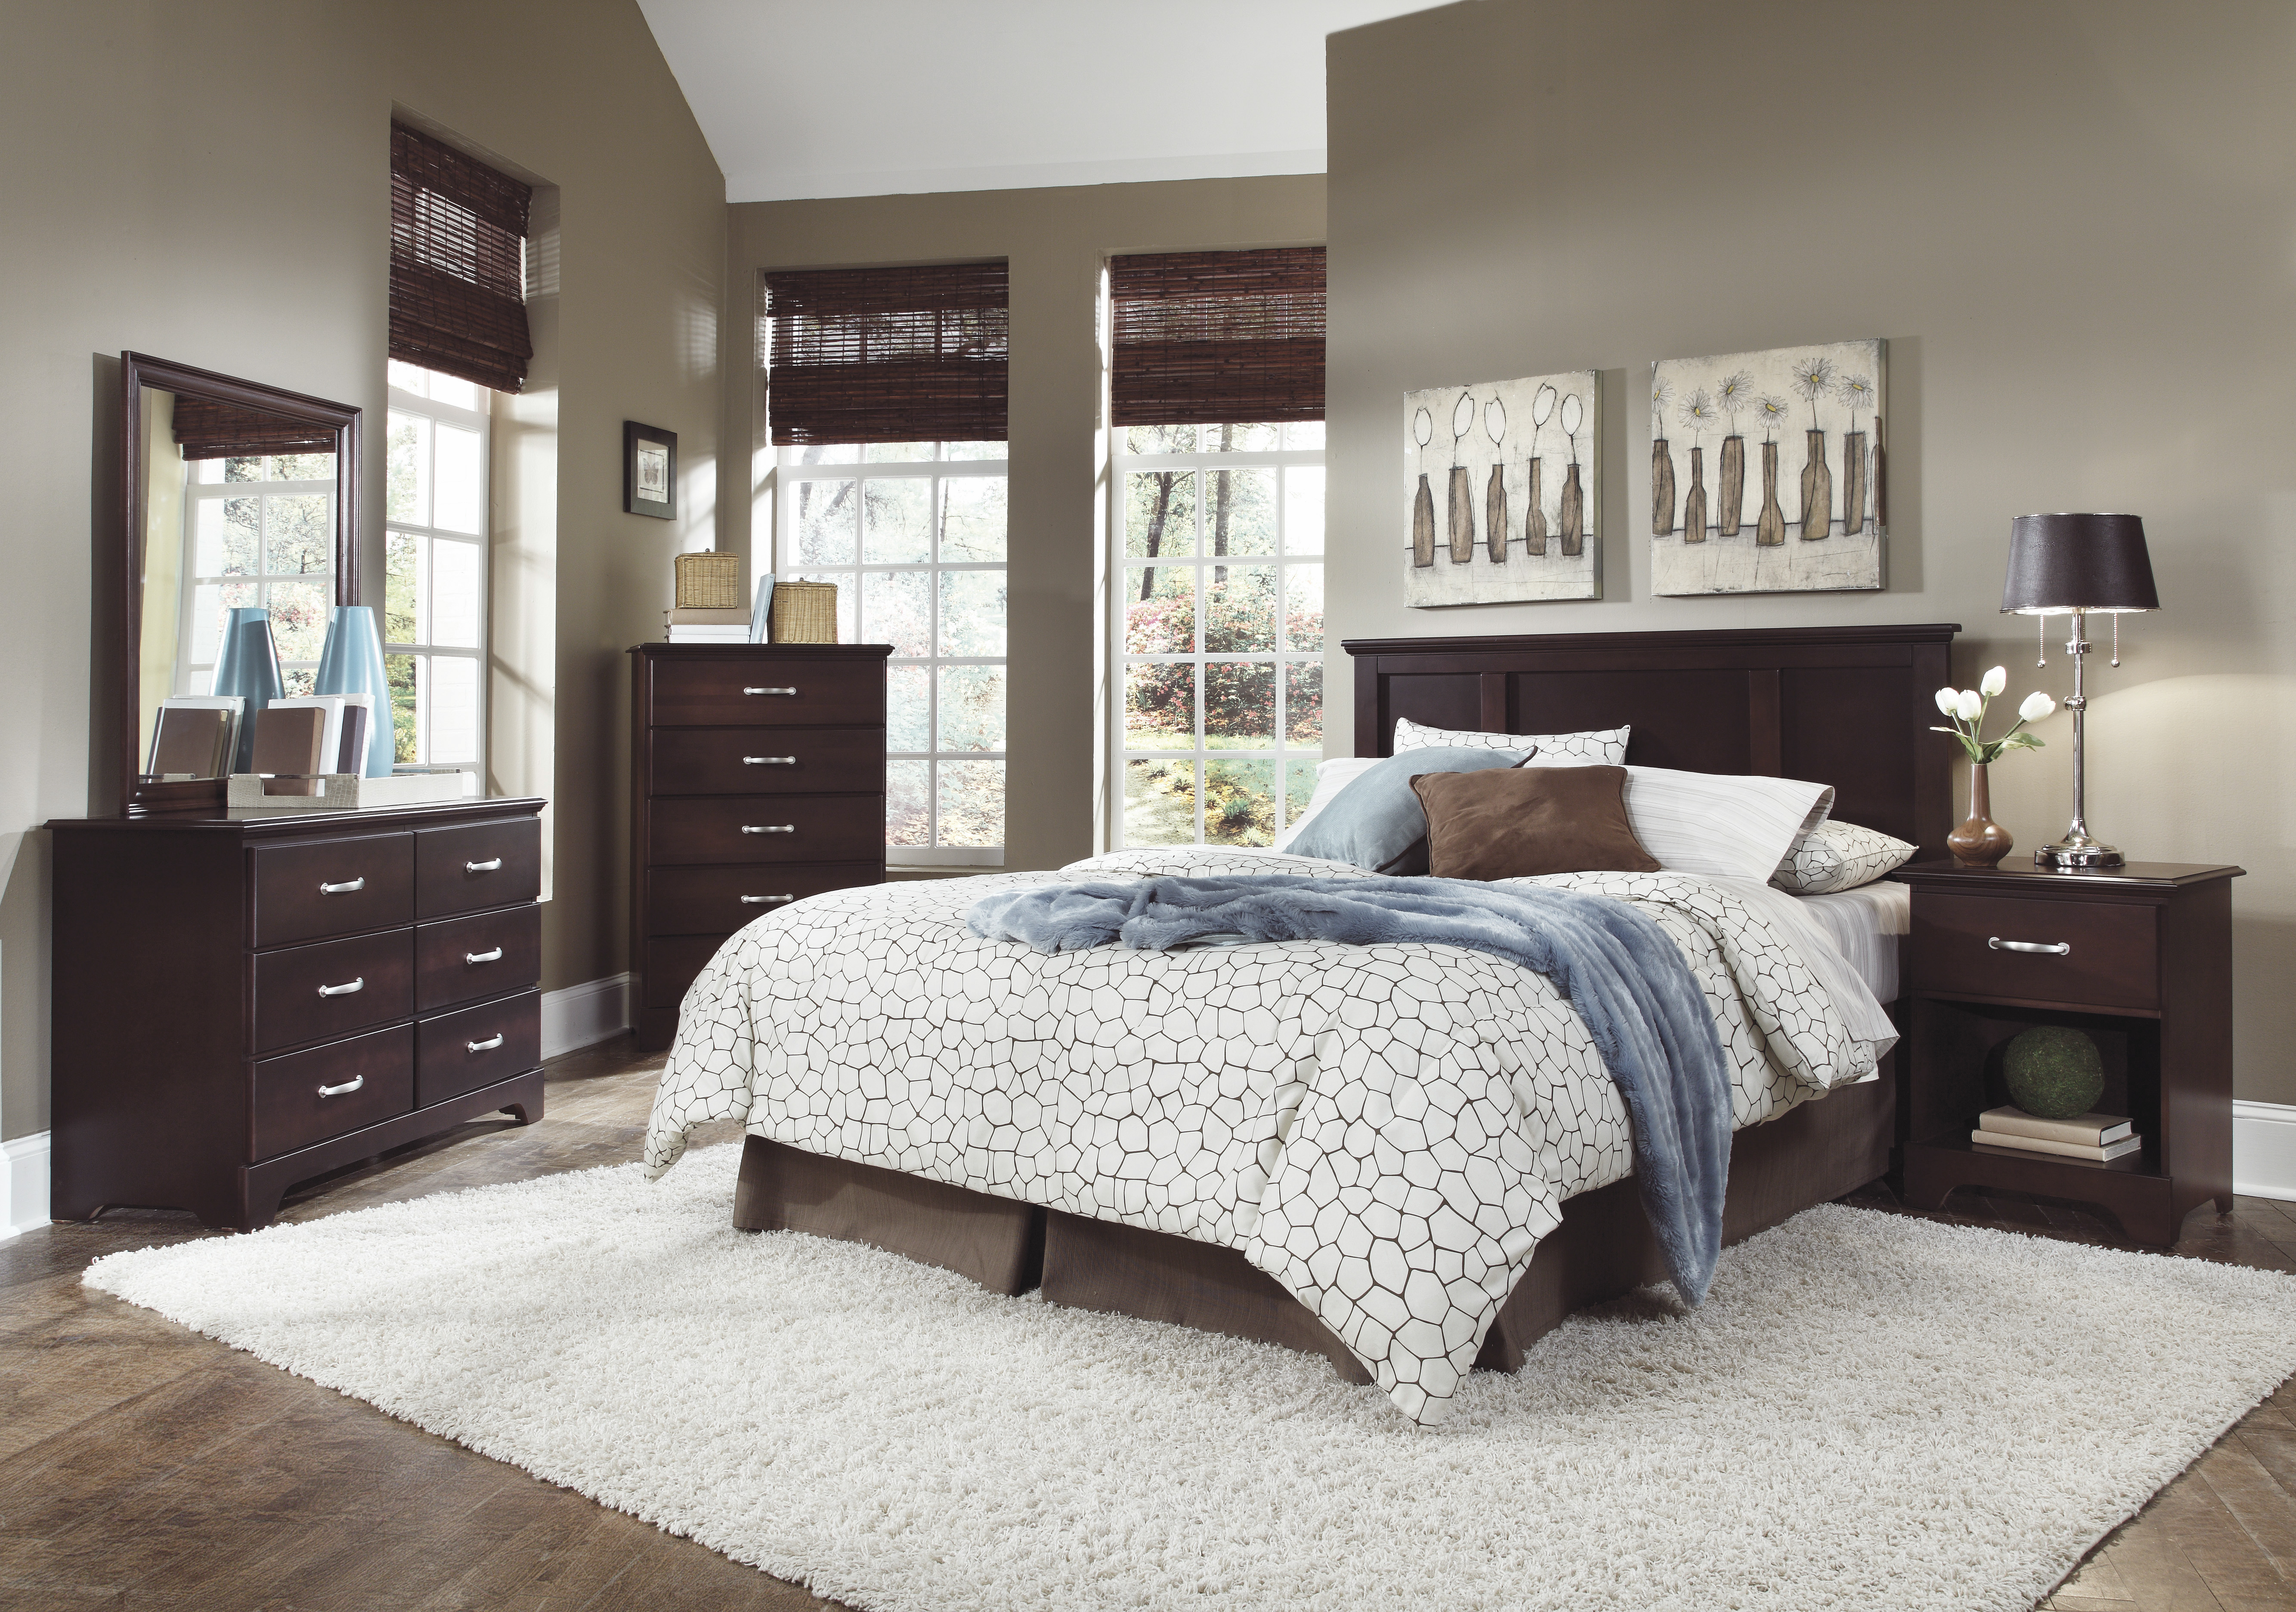 Bedroom Furniture Wilmington Nc Master Bedroom Furniturefurniture Rental Wilmington Nc